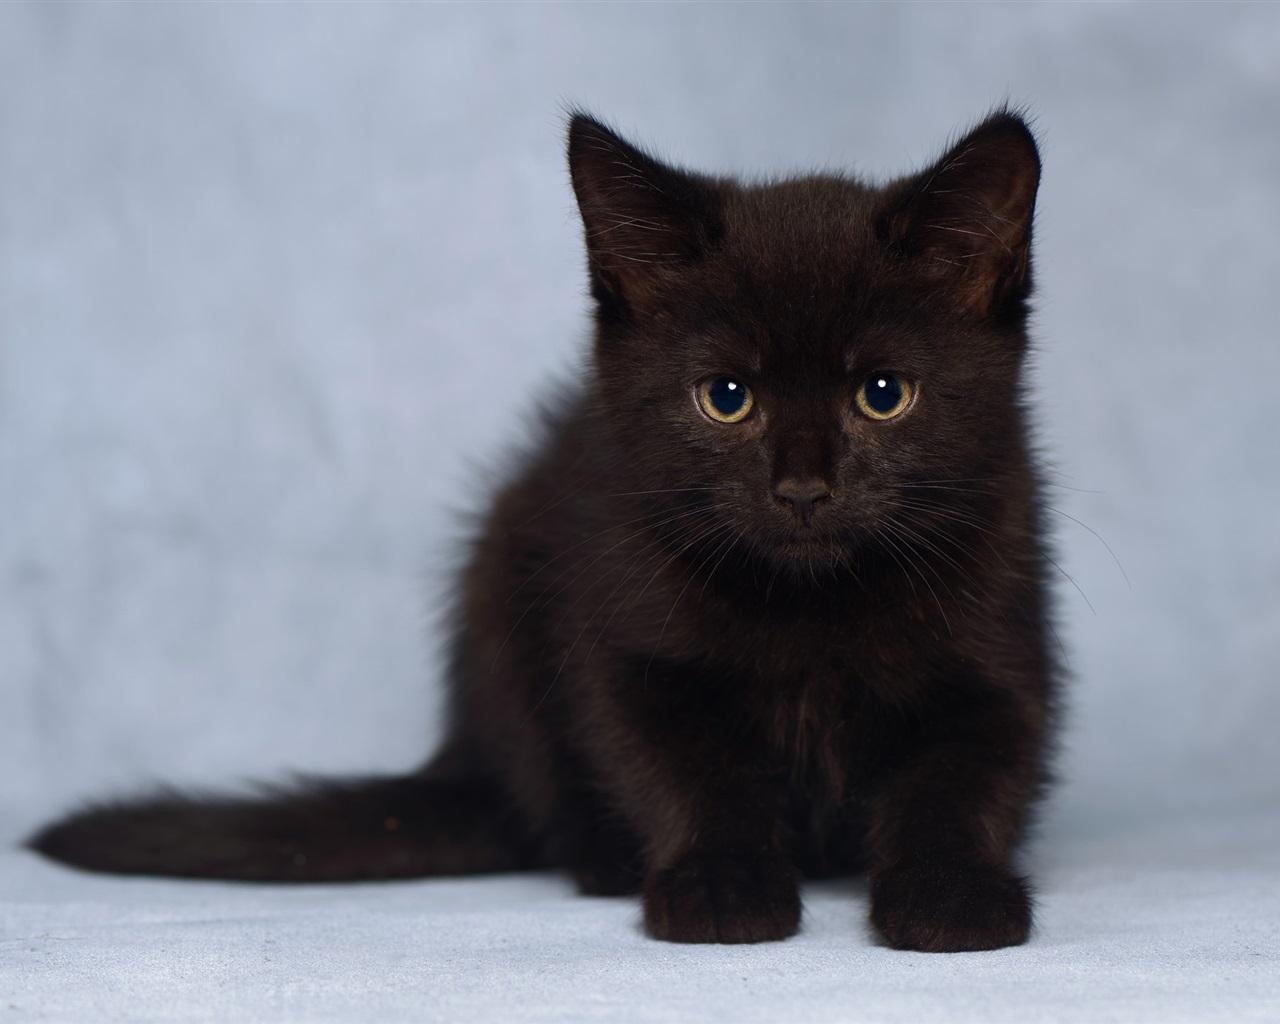 可爱的毛茸茸的黑色小猫 壁纸